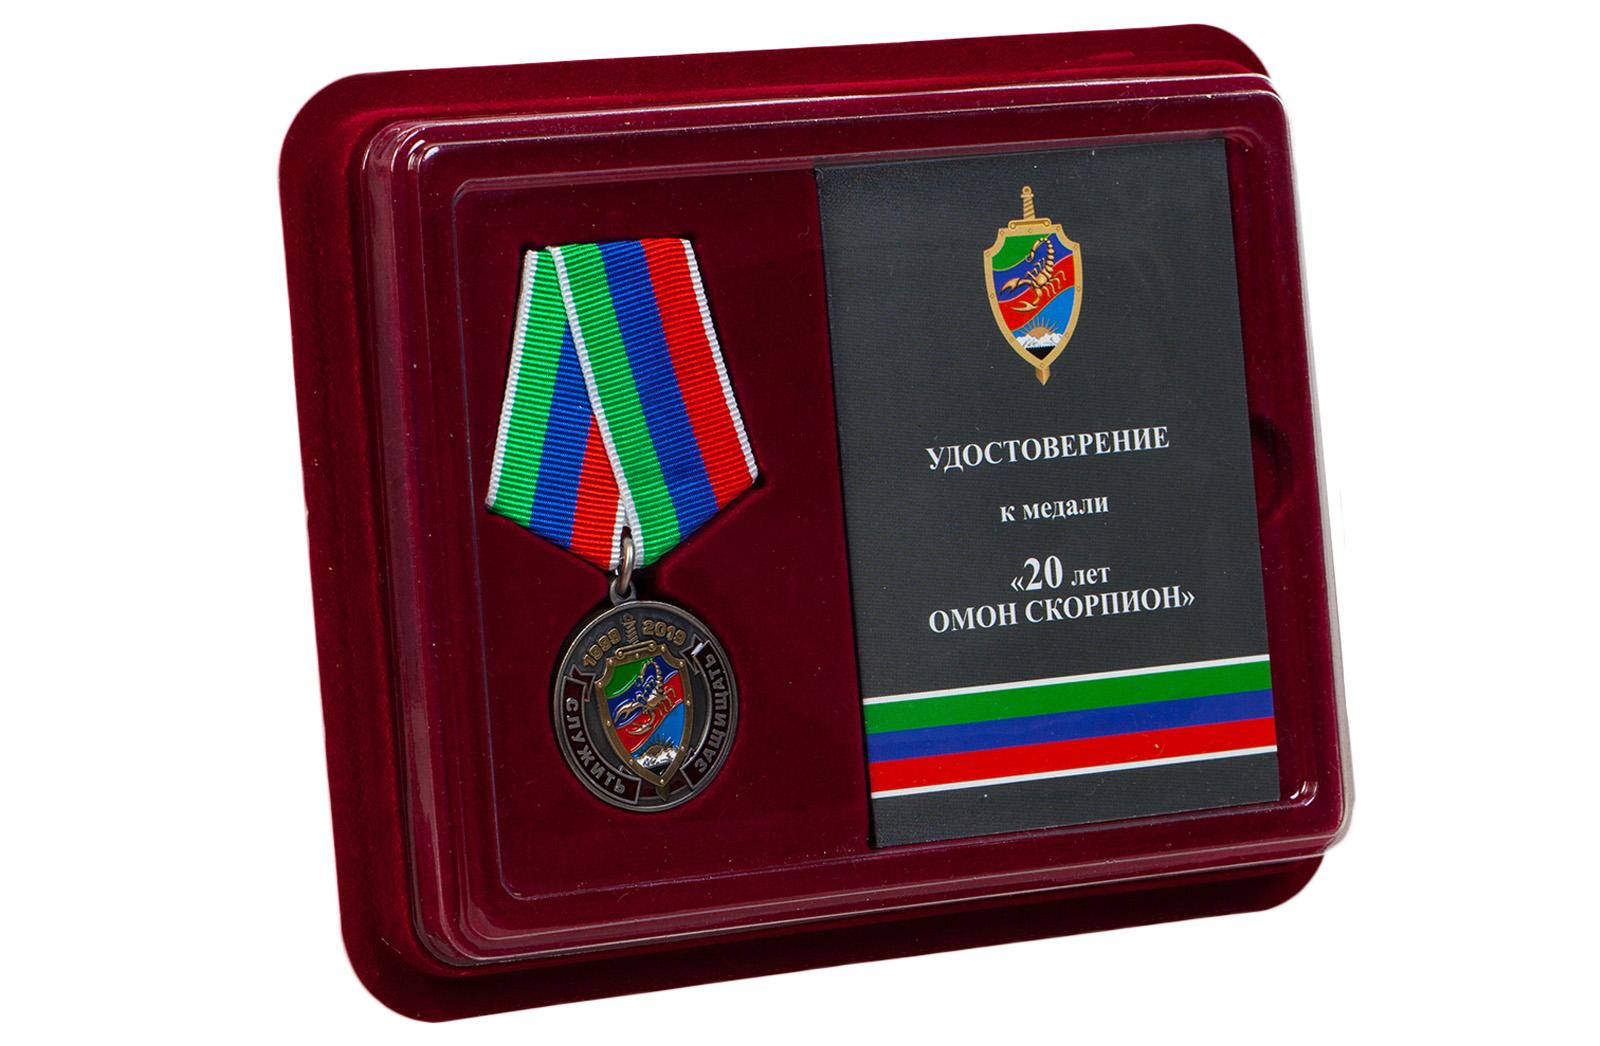 Купить памятную медаль 20 лет ОМОН Скорпион оптом или в розницу